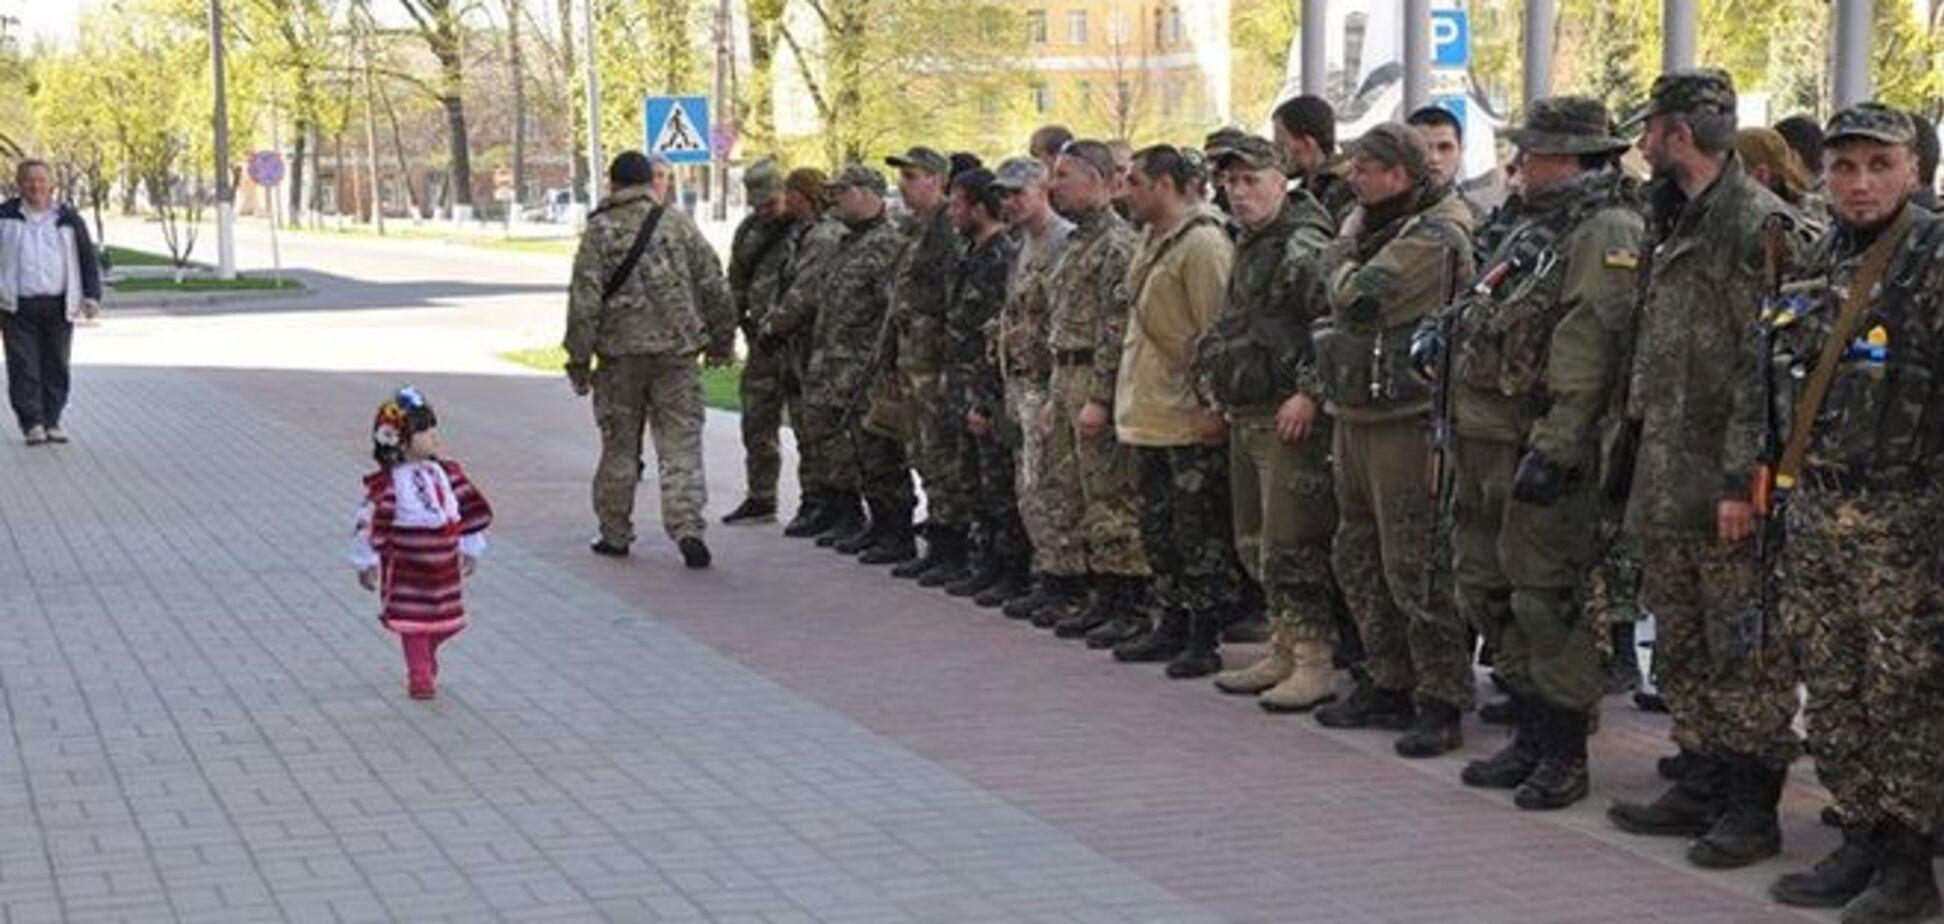 'Кто генералиссимус?' Маленькая украинка командует военными: фото дня